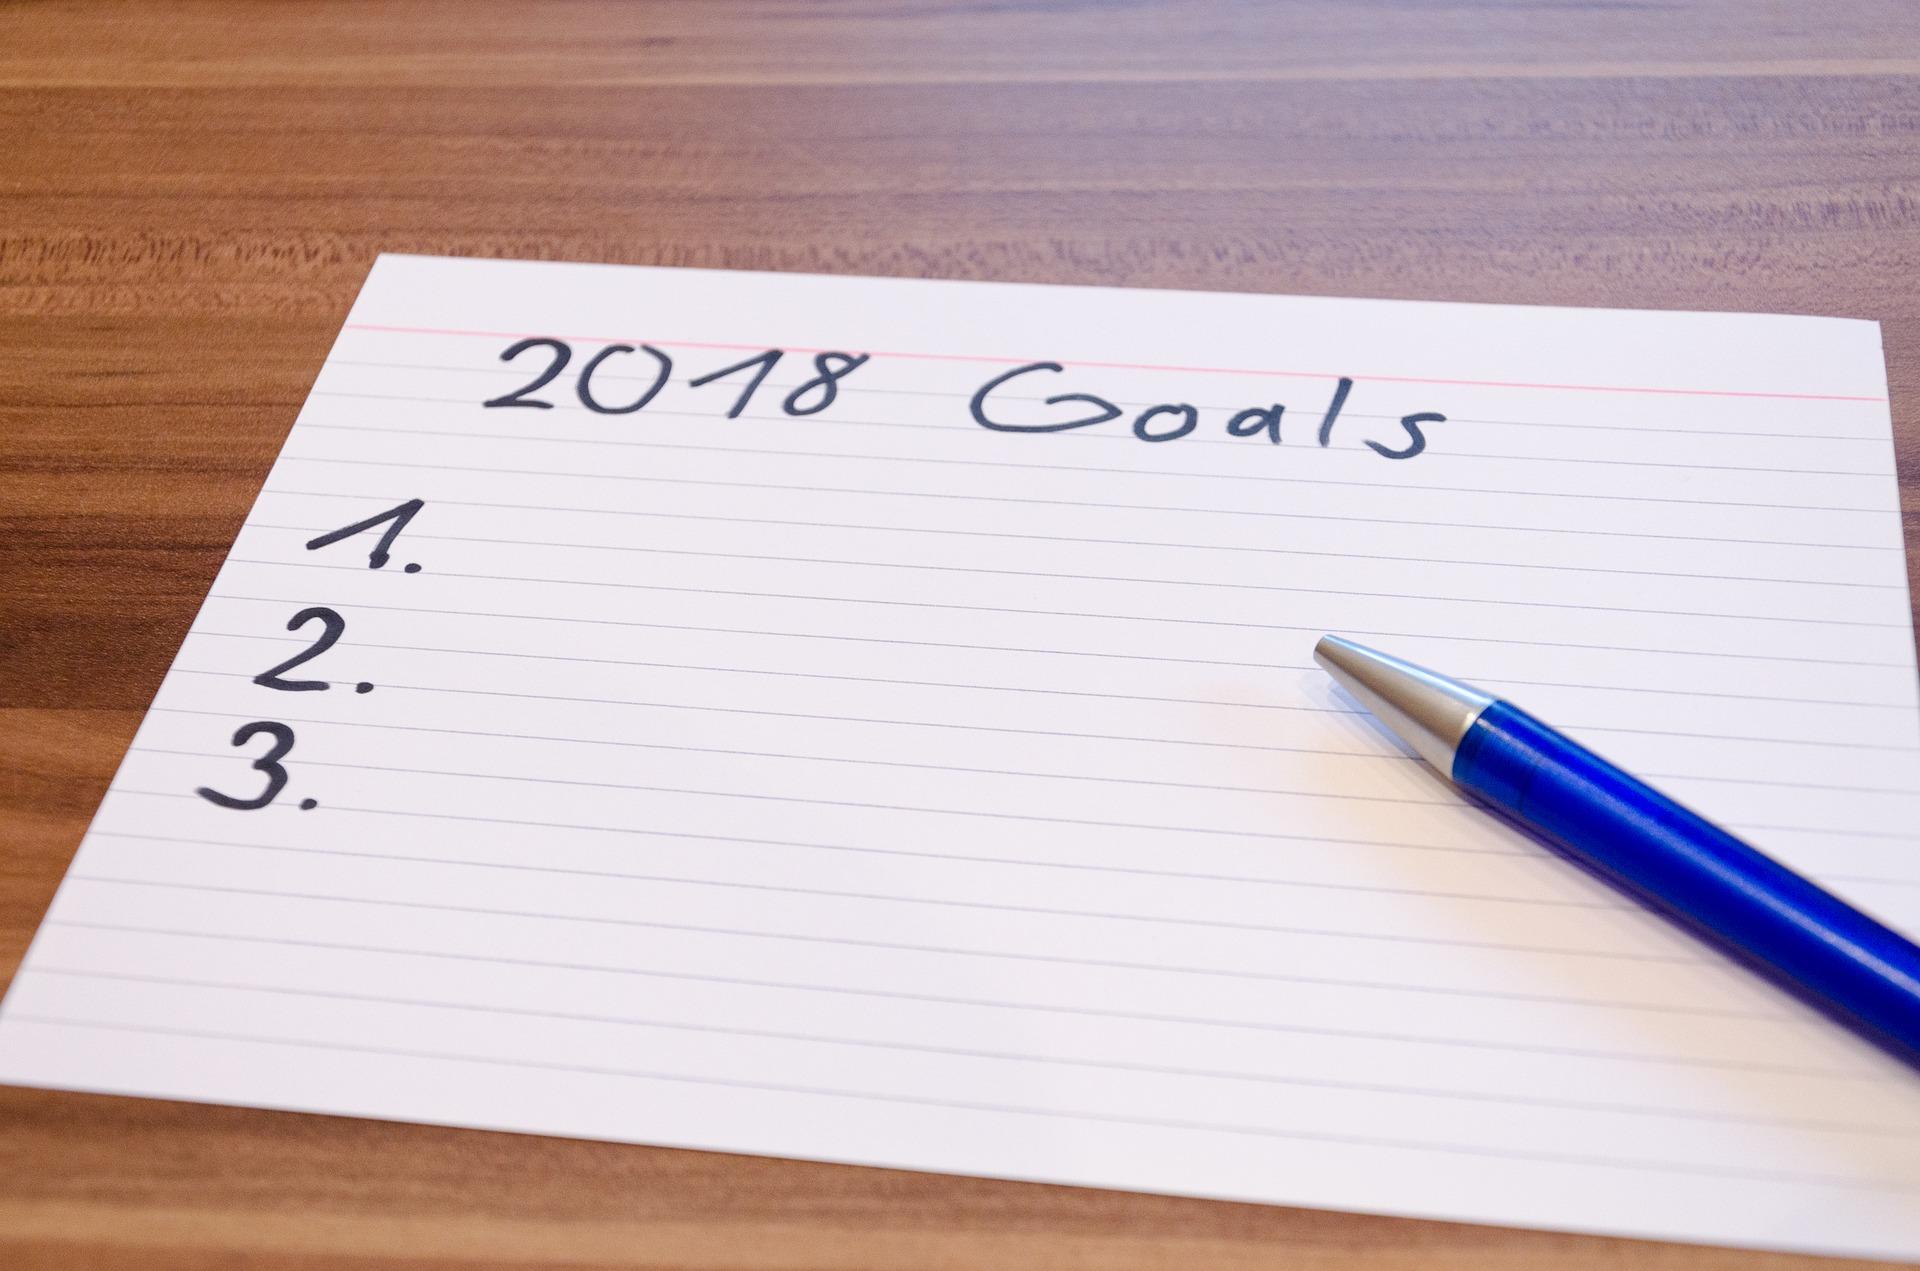 2018_goals.jpg